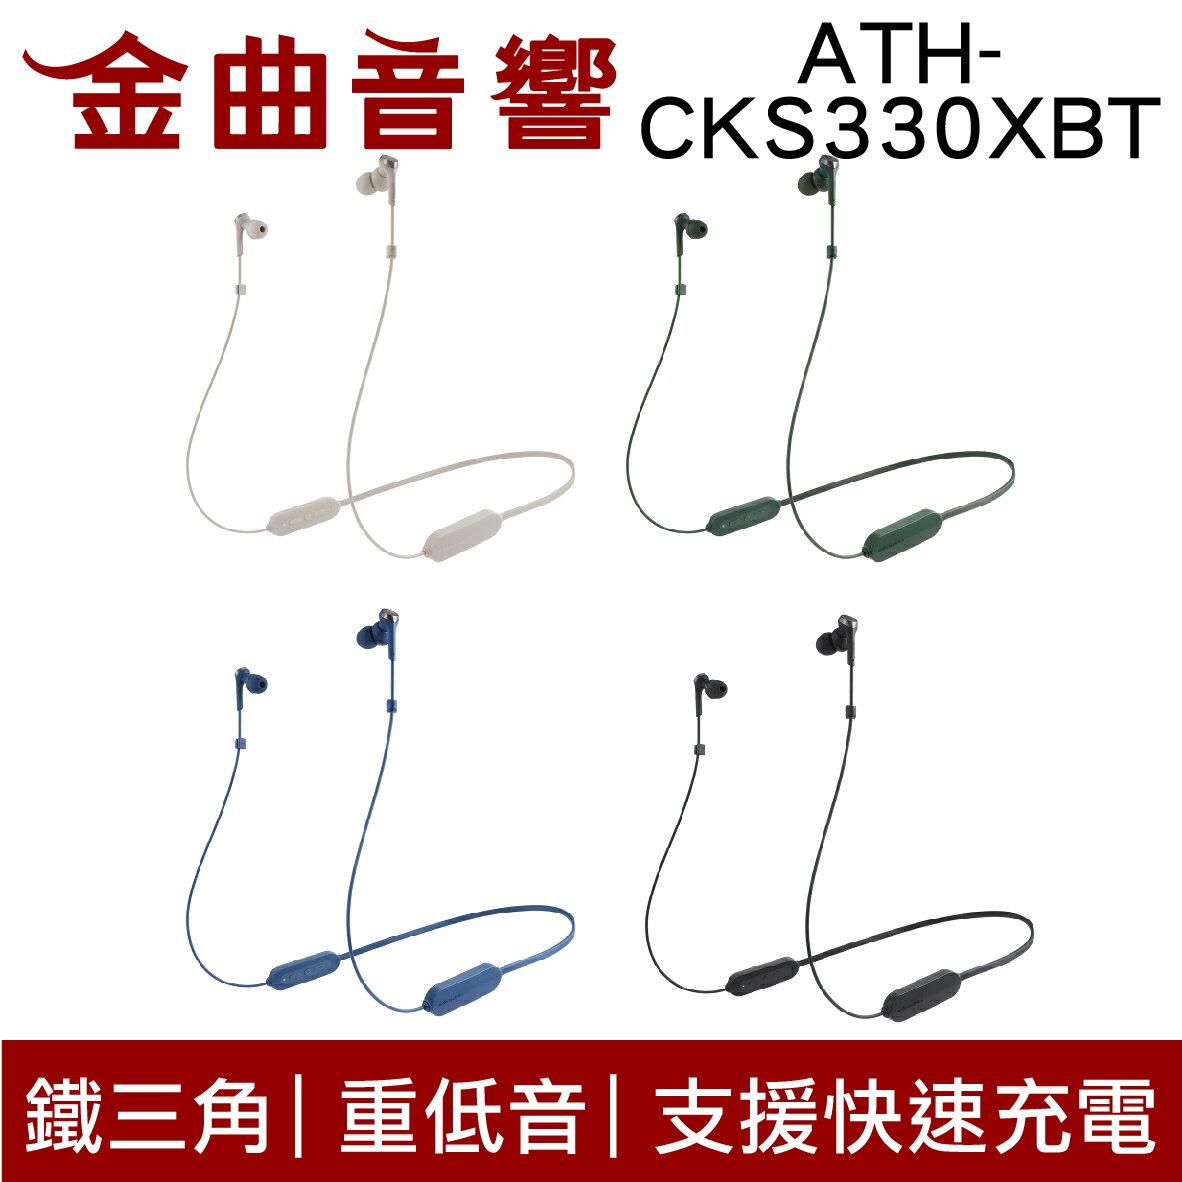 鐵三角 ATH-CKS330XBT 米 低延遲 無線 藍芽 耳道式耳機 | 金曲音響